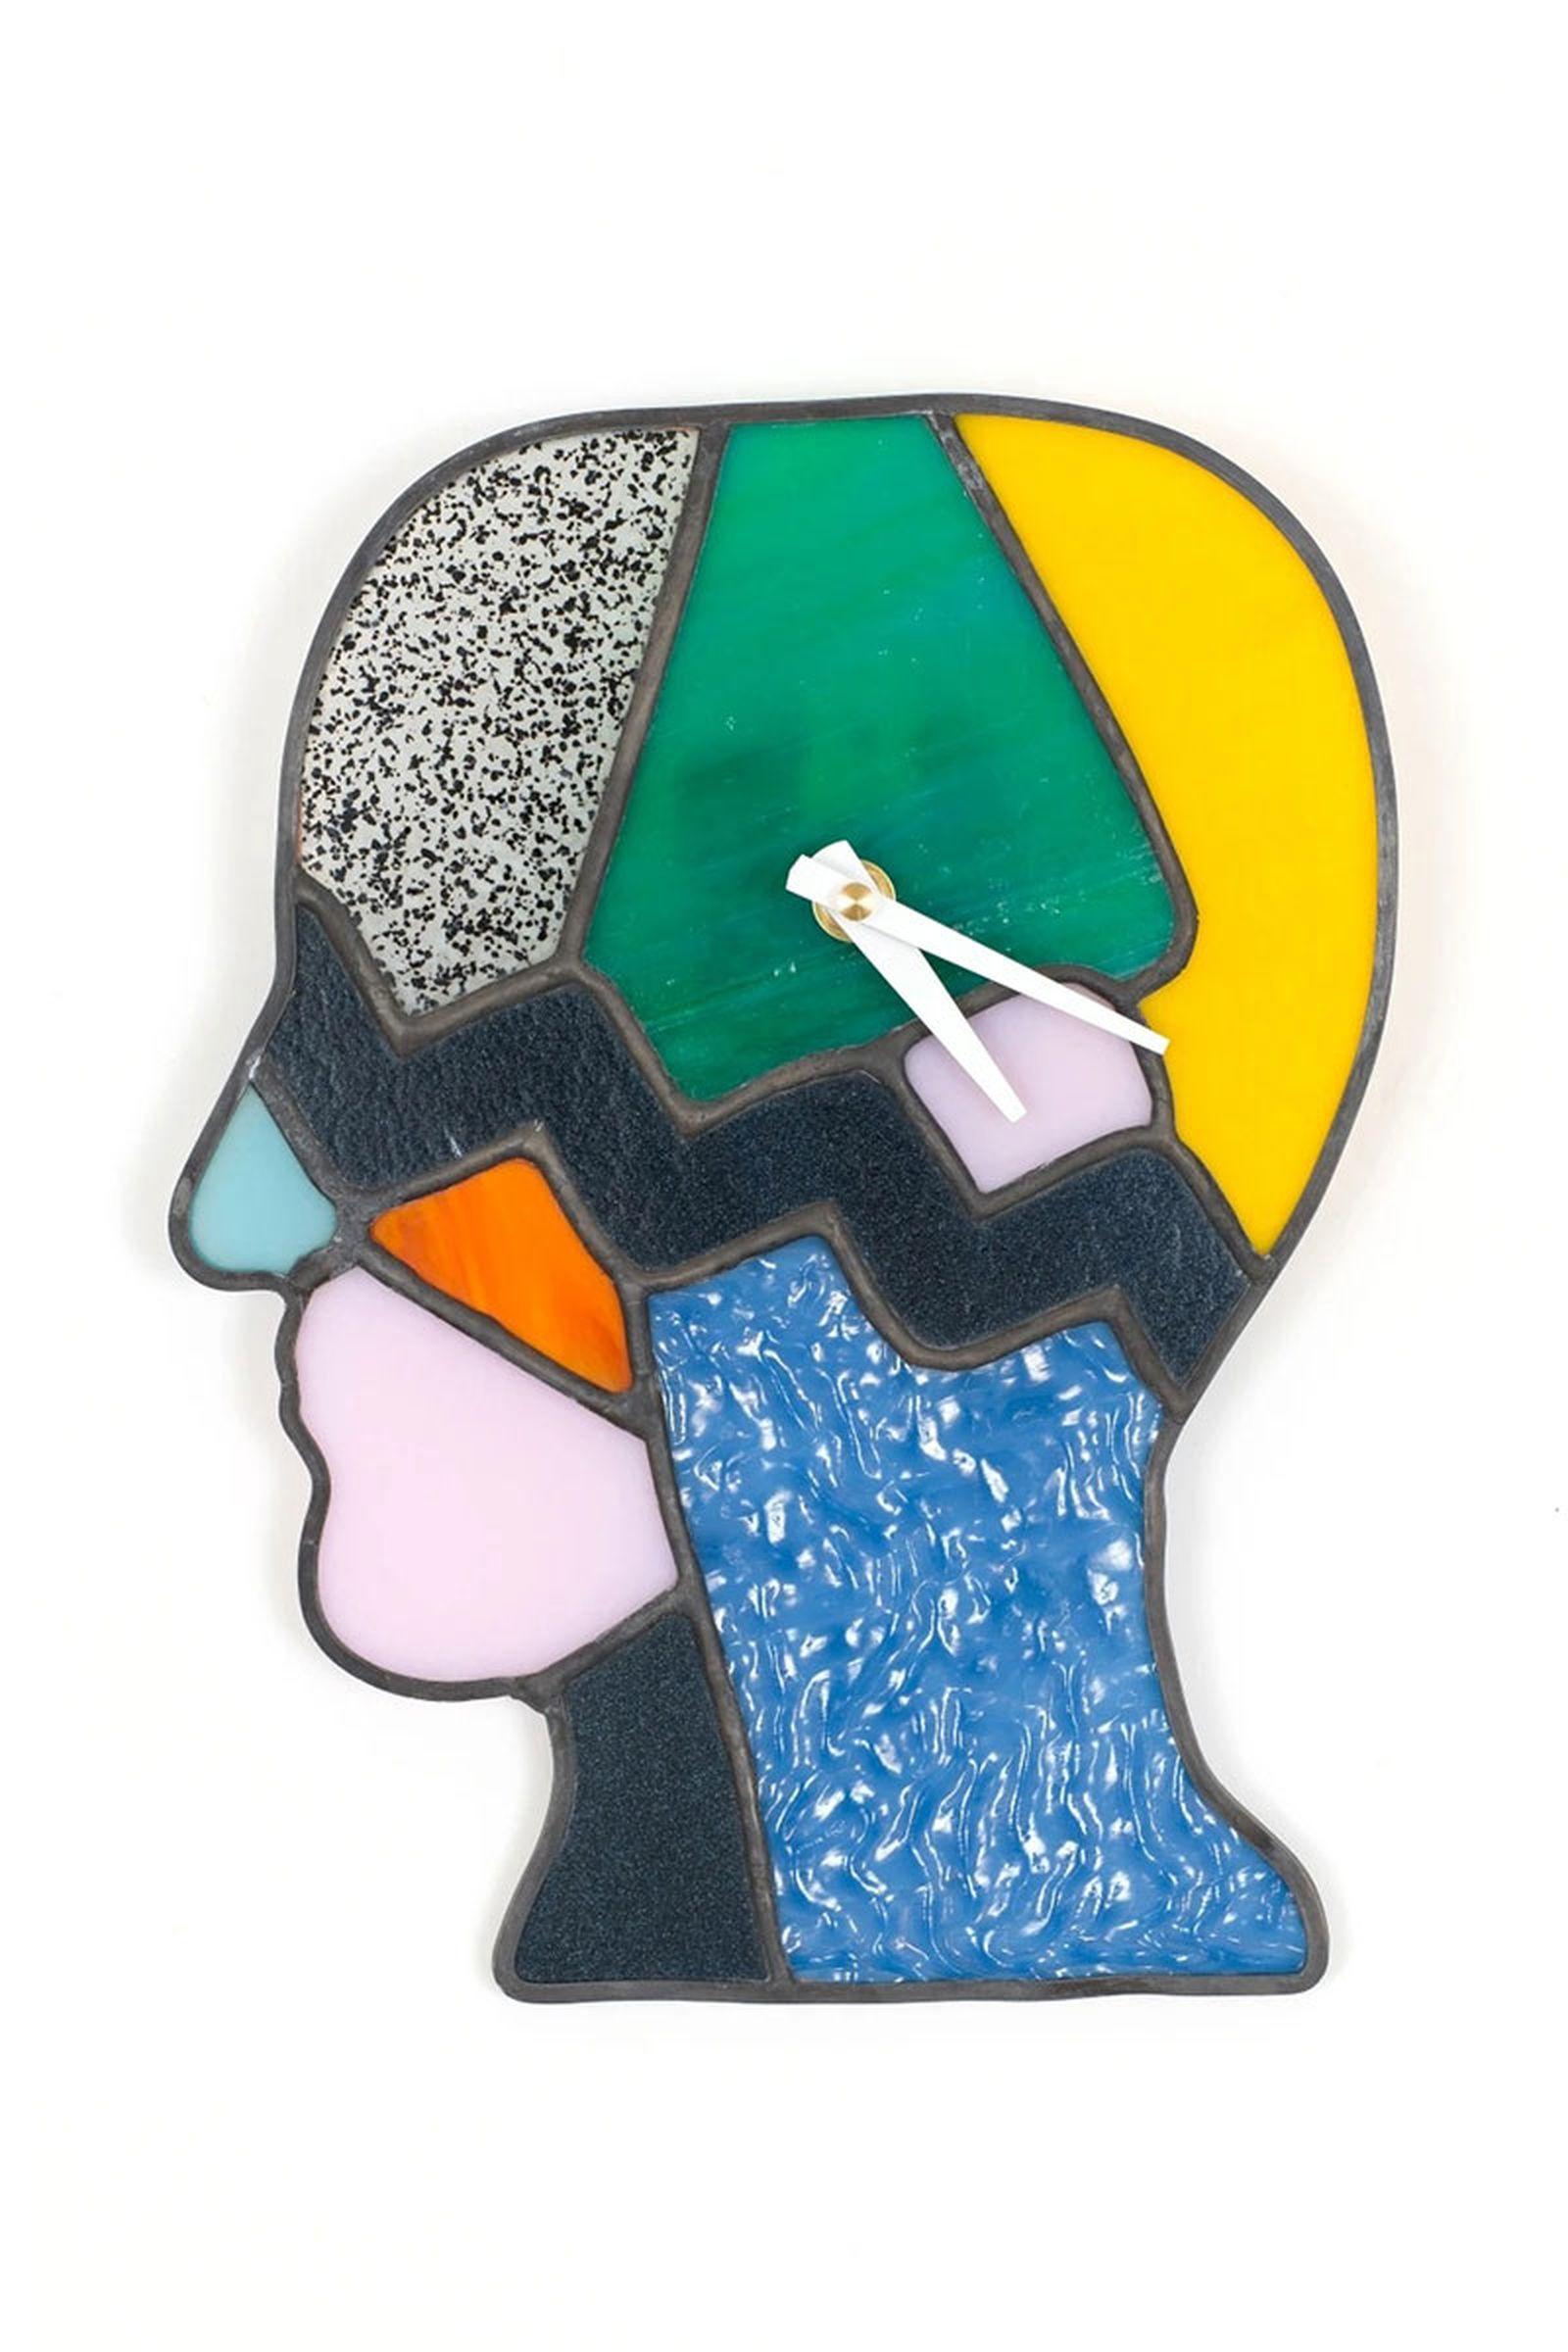 brain-dead-kerbi-urbanowski-stained-glass-clocks-(2)